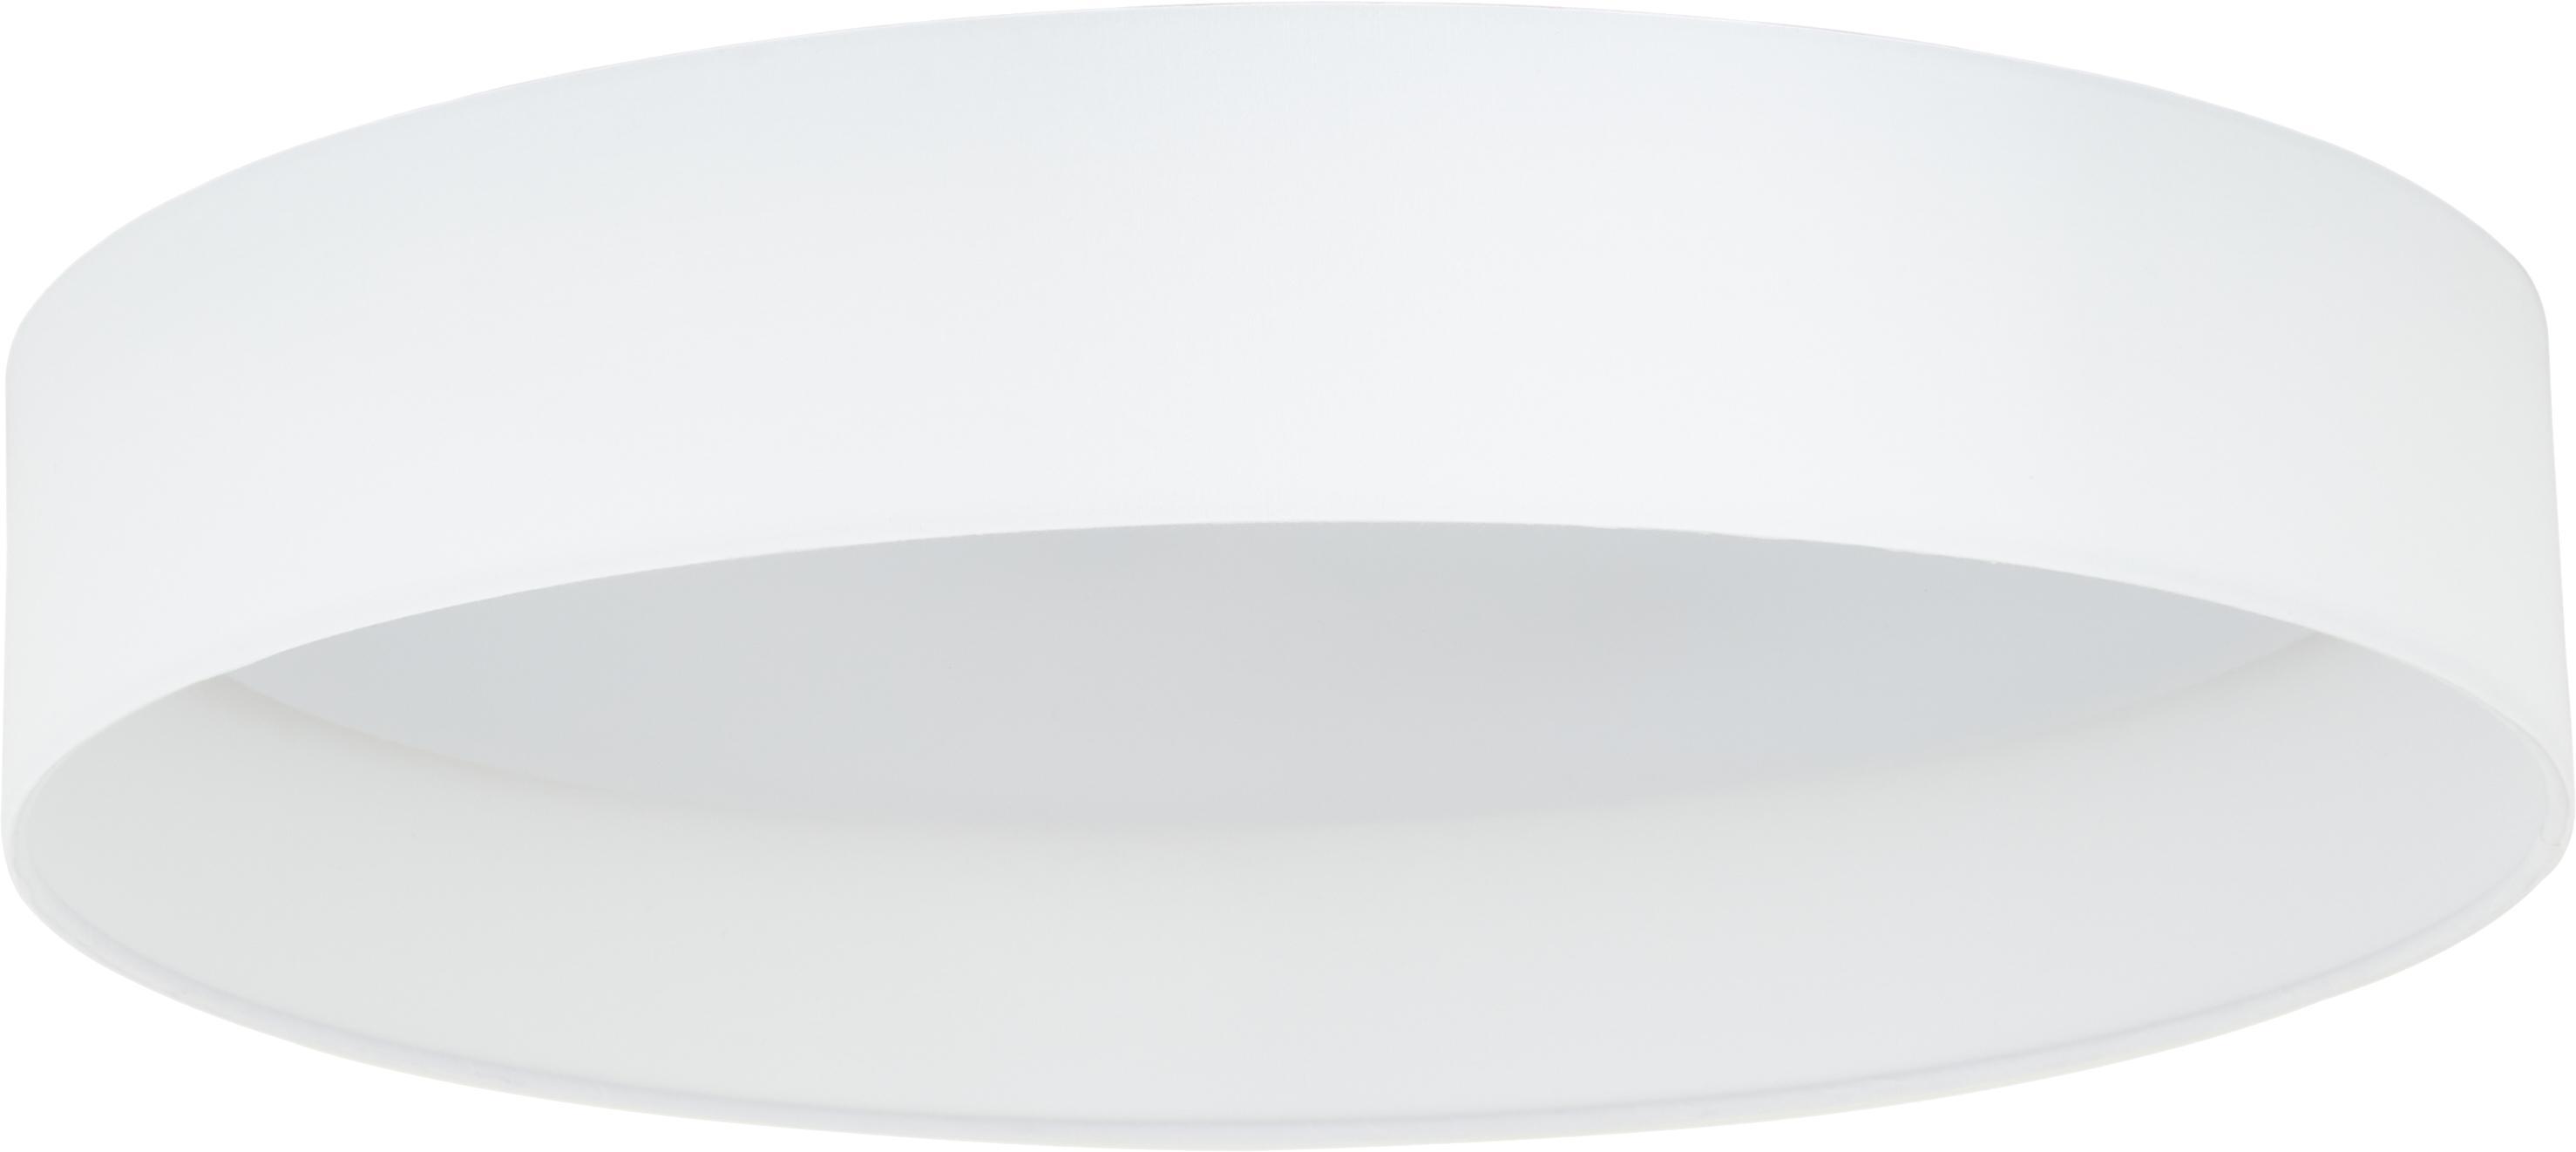 LED plafondlamp Helen, Frame: metaal, Diffuser: kunststof, Wit, Ø 52 x H 11 cm